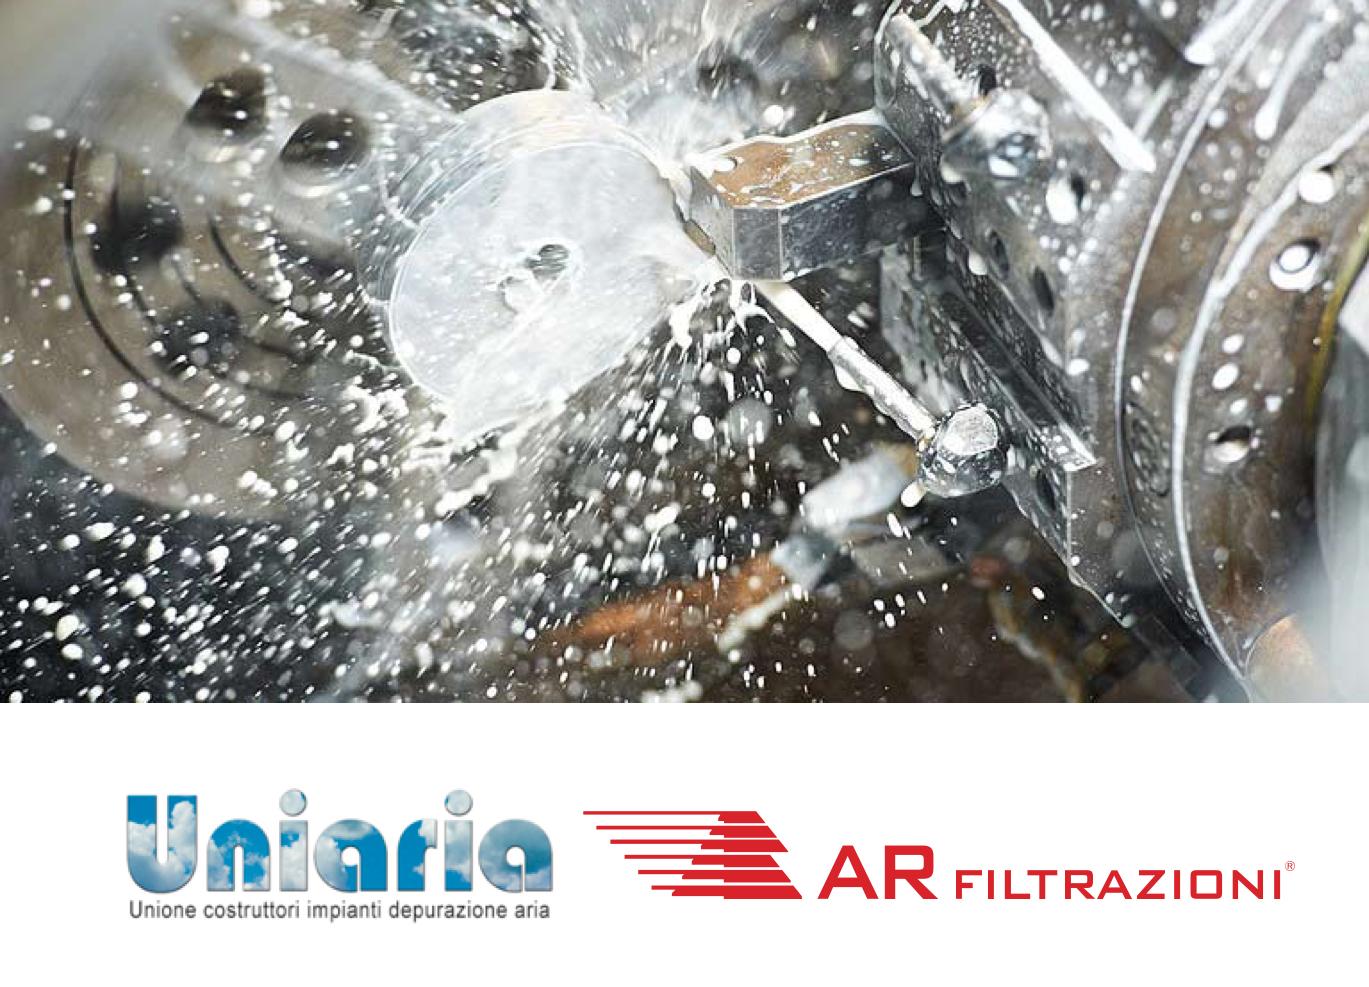 AR Filtrazioni Partner uniaria